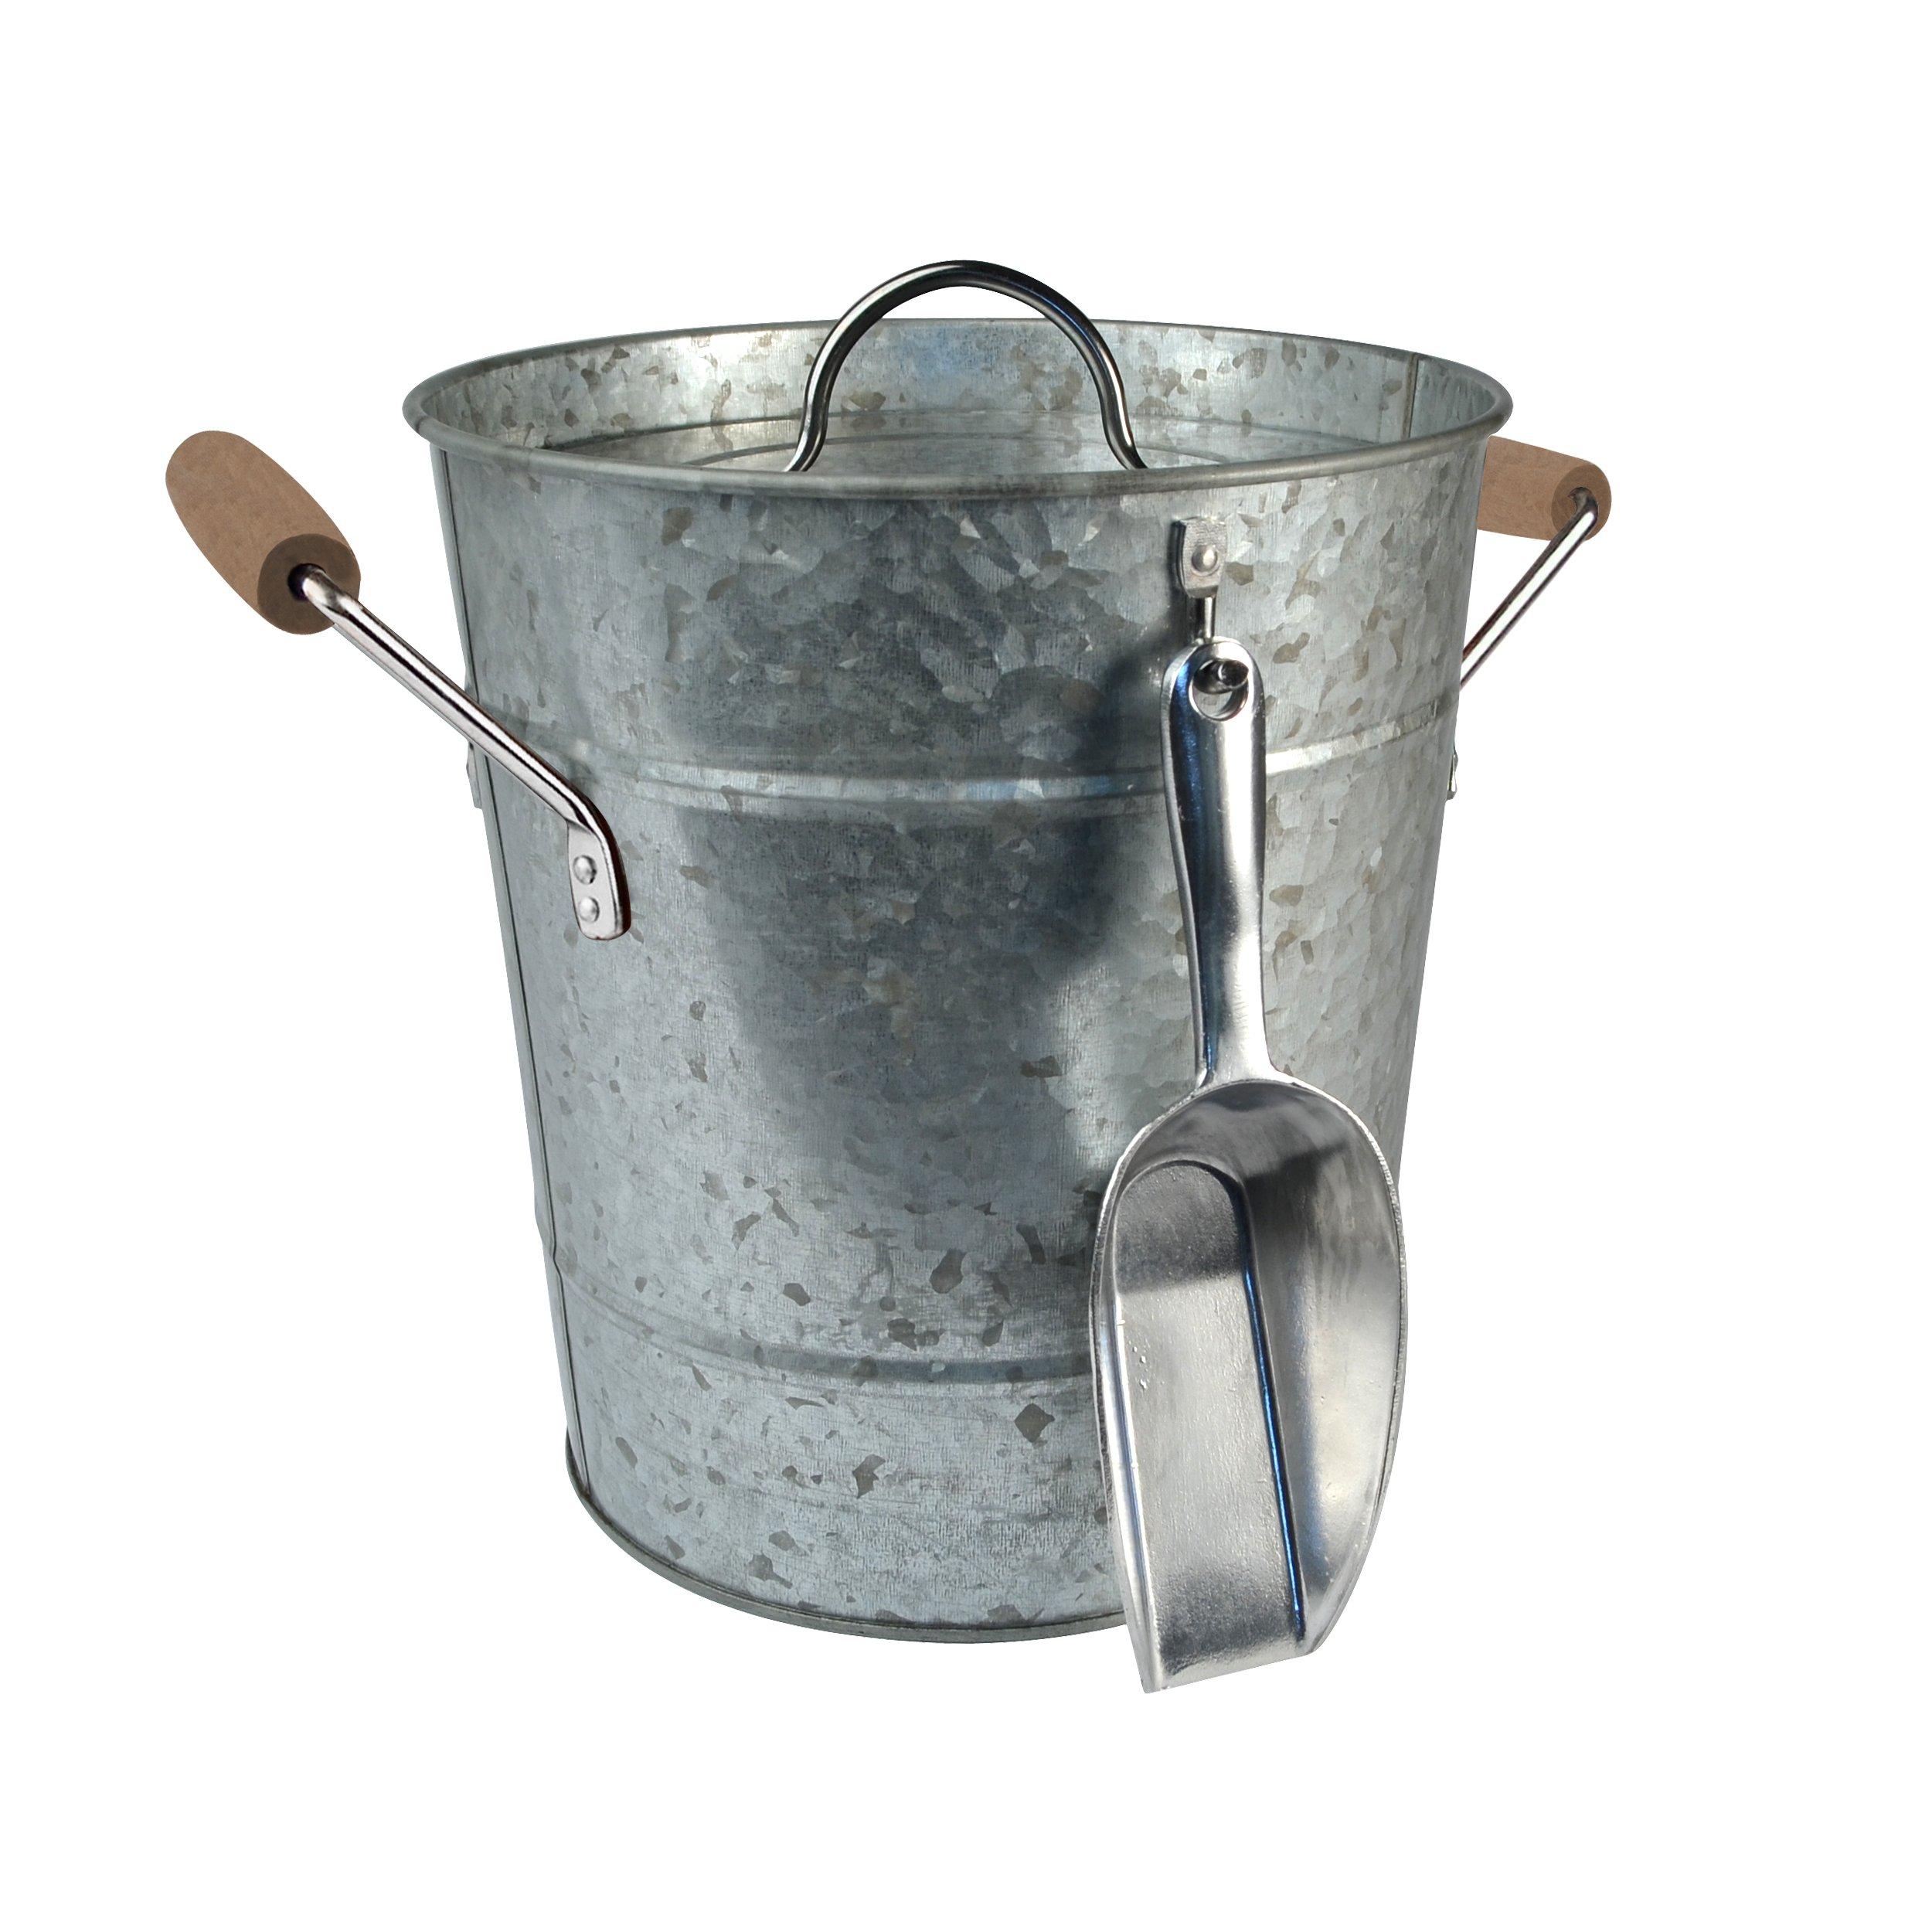 Artland Oasis Ice Bucket With Scoop Galvanized Metal